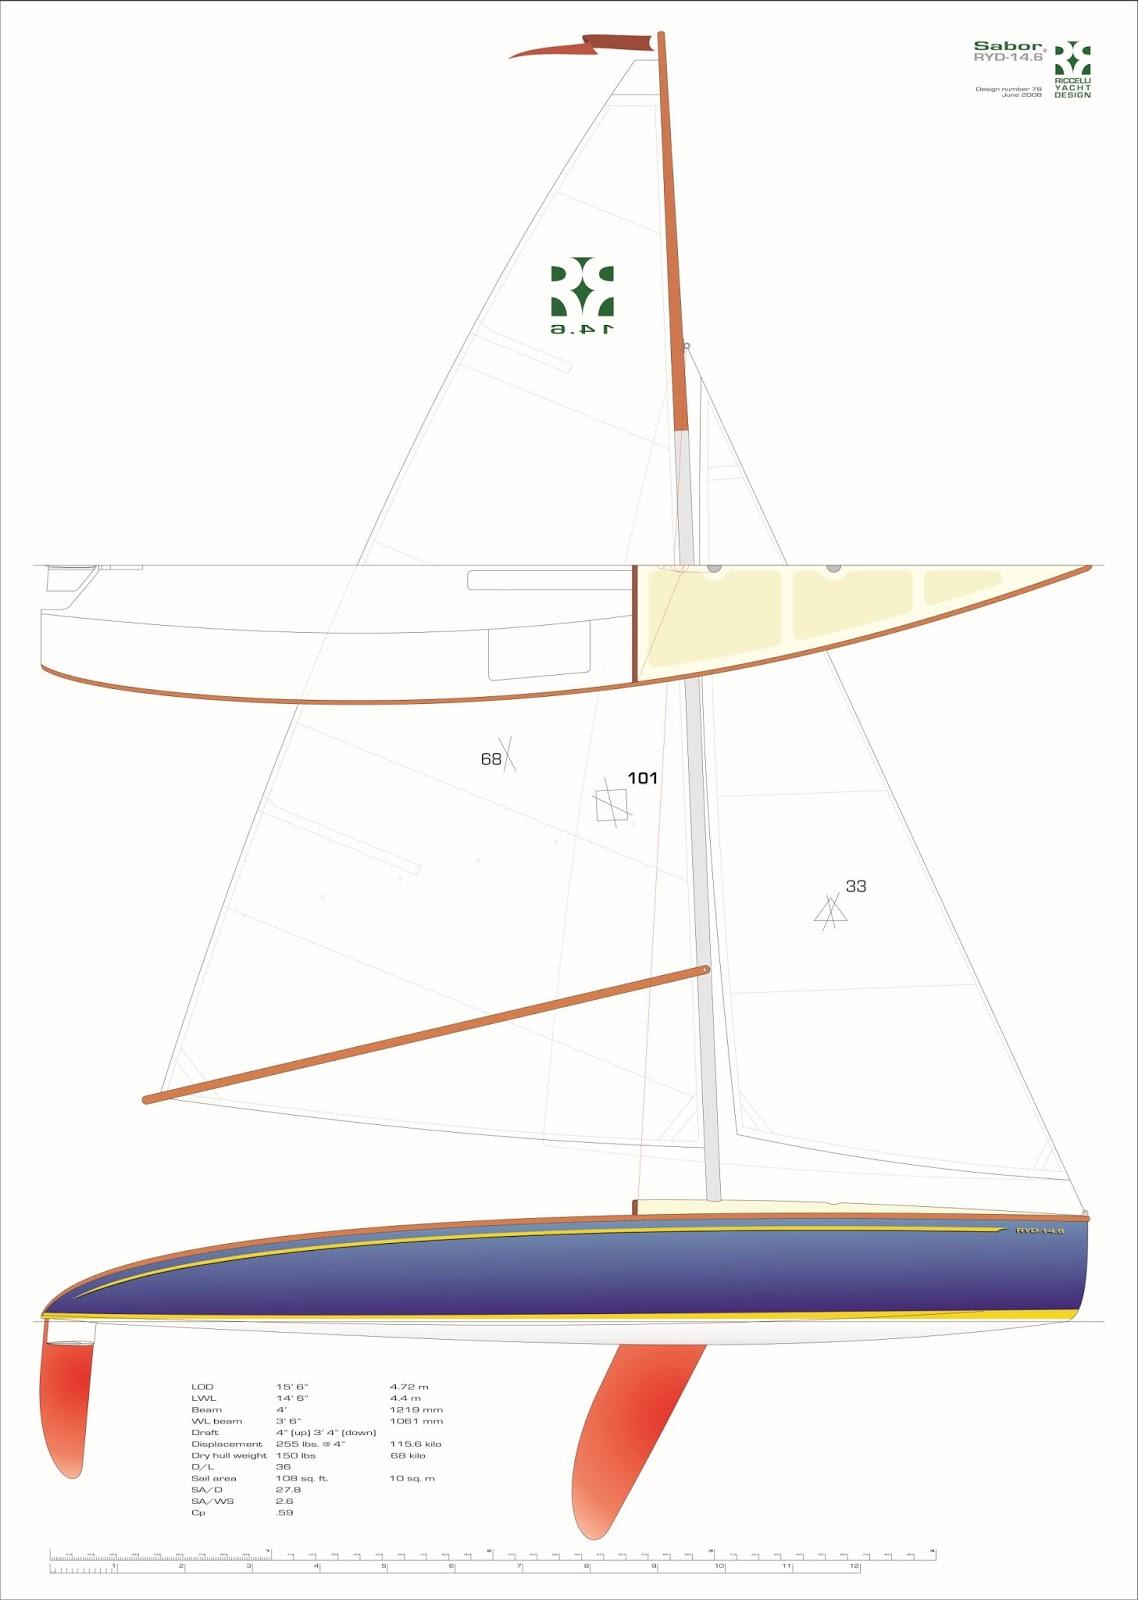 paryachts sailboats